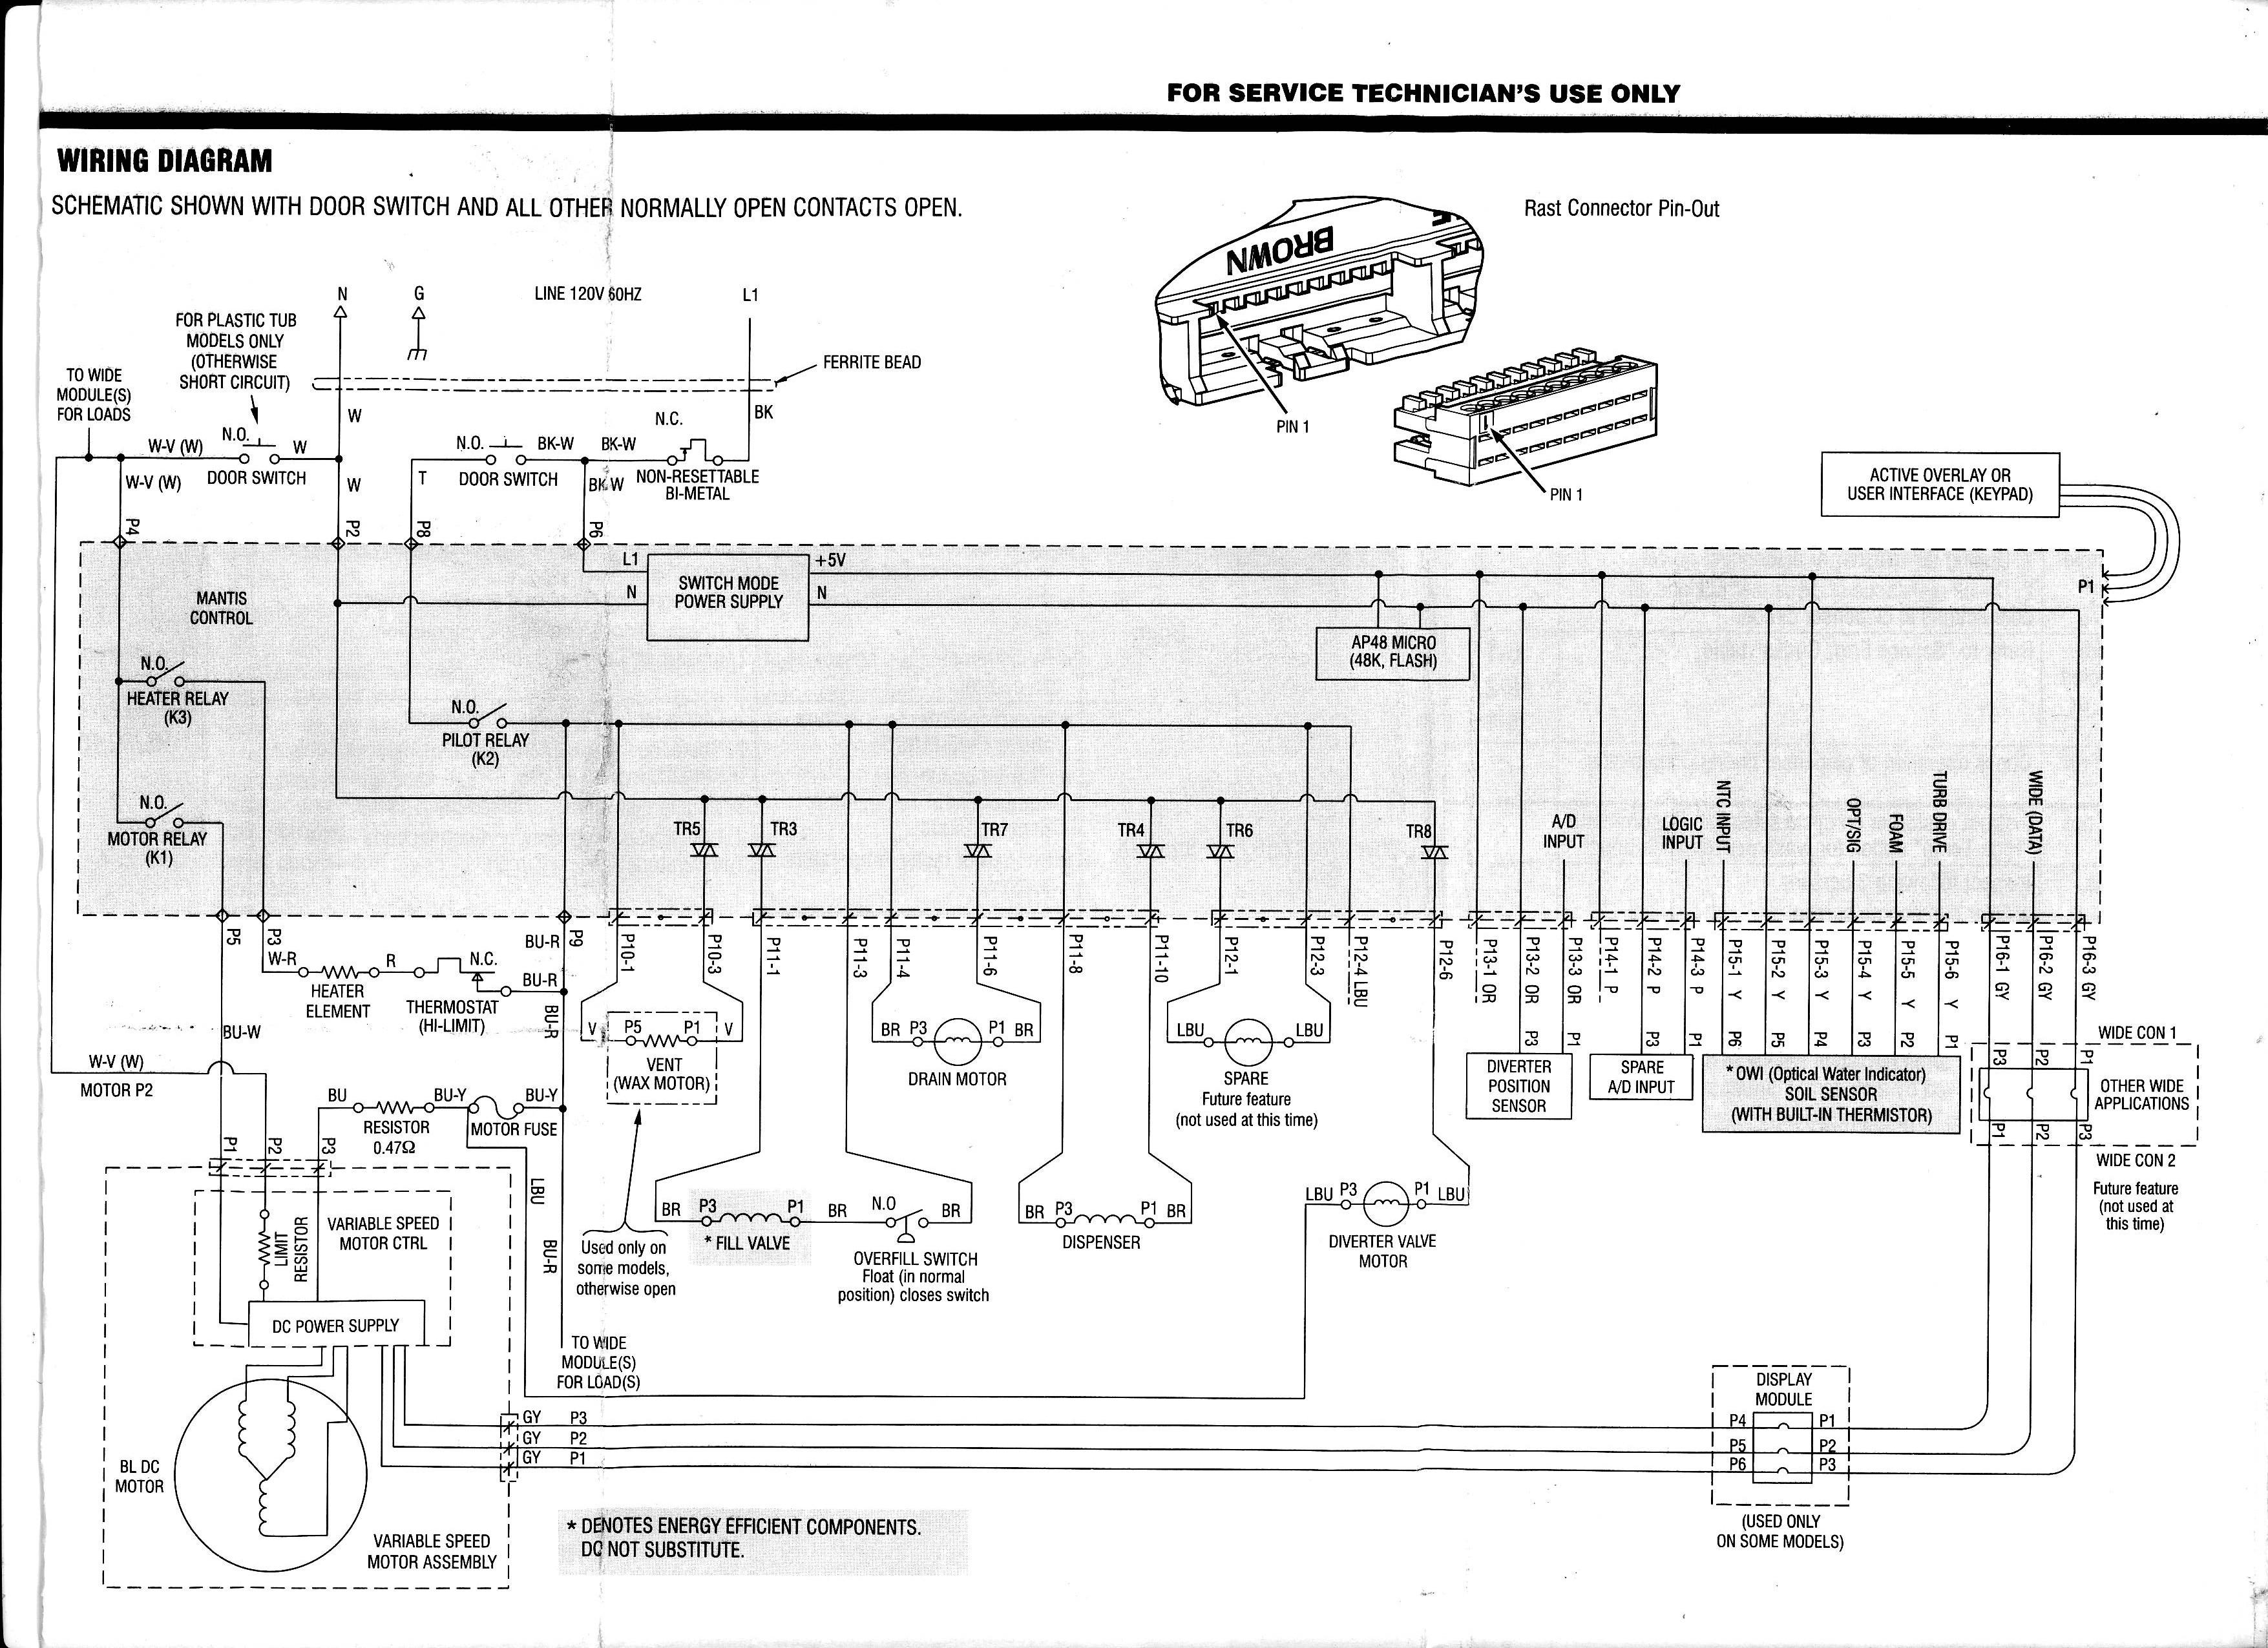 Whirlpool Refrigerator Schematic Diagram - Audi 90 Wiring Diagram for Wiring  Diagram Schematics | Whirlpool Refrigerator Wiring Diagram Pdf |  | Wiring Diagram Schematics